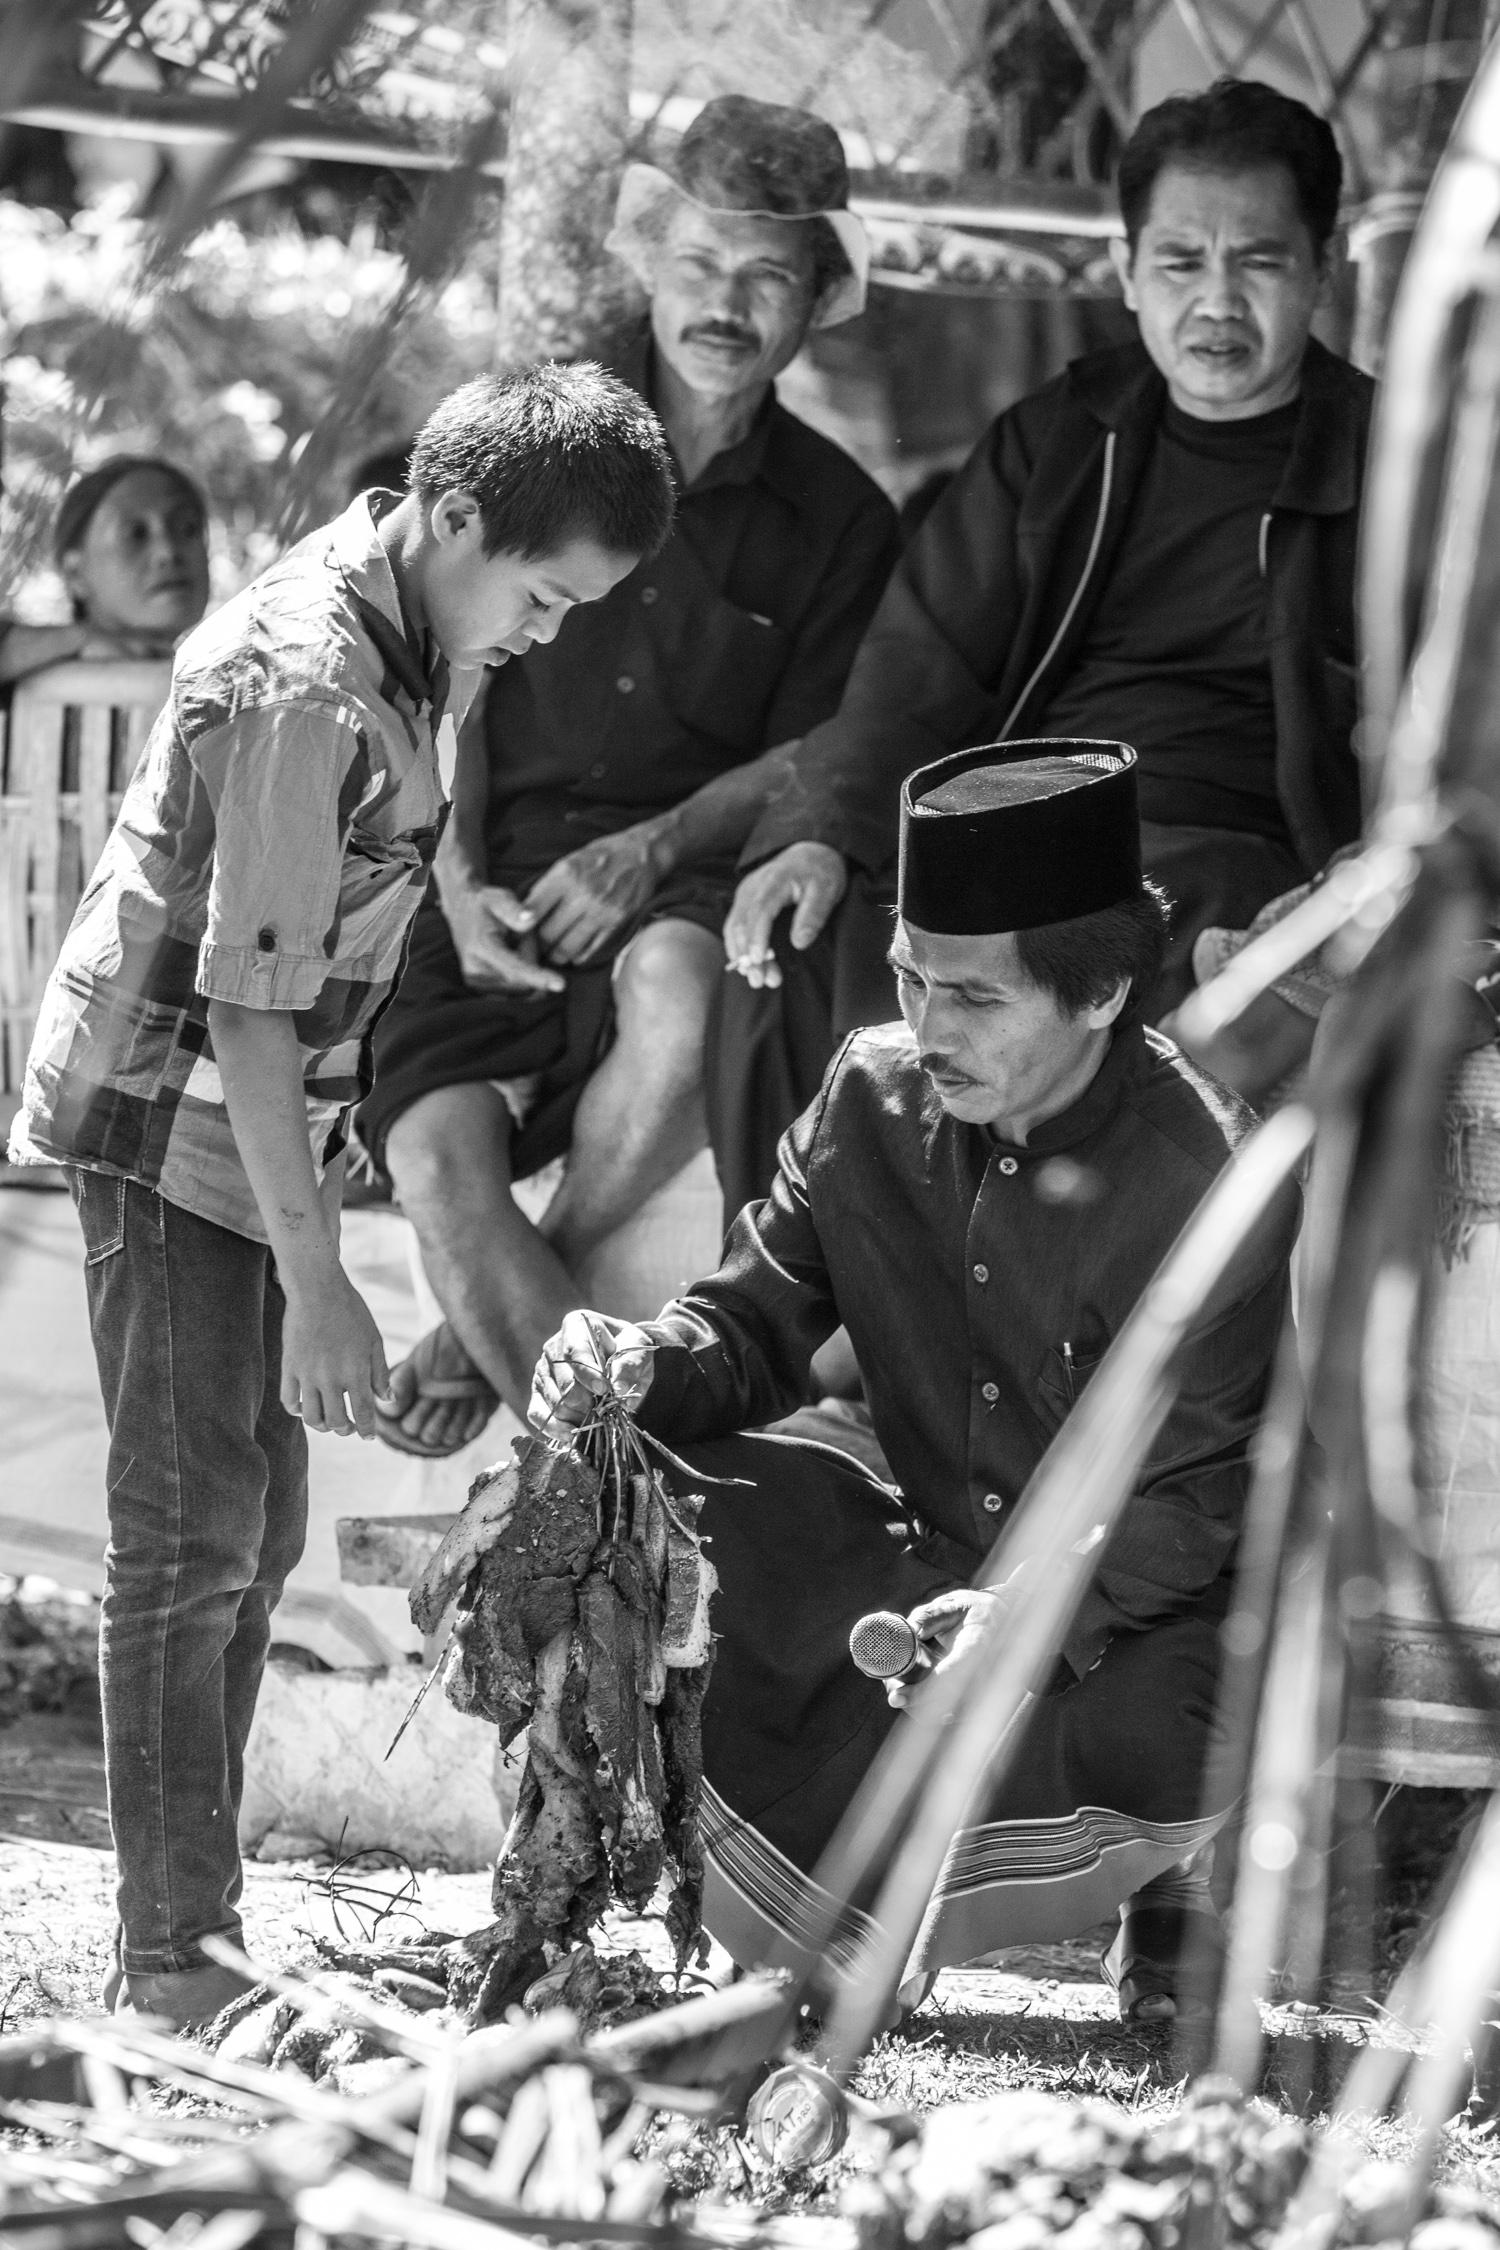 INDONESIA Sulawesi Toraja—2016 August 31 02;00;05.jpg